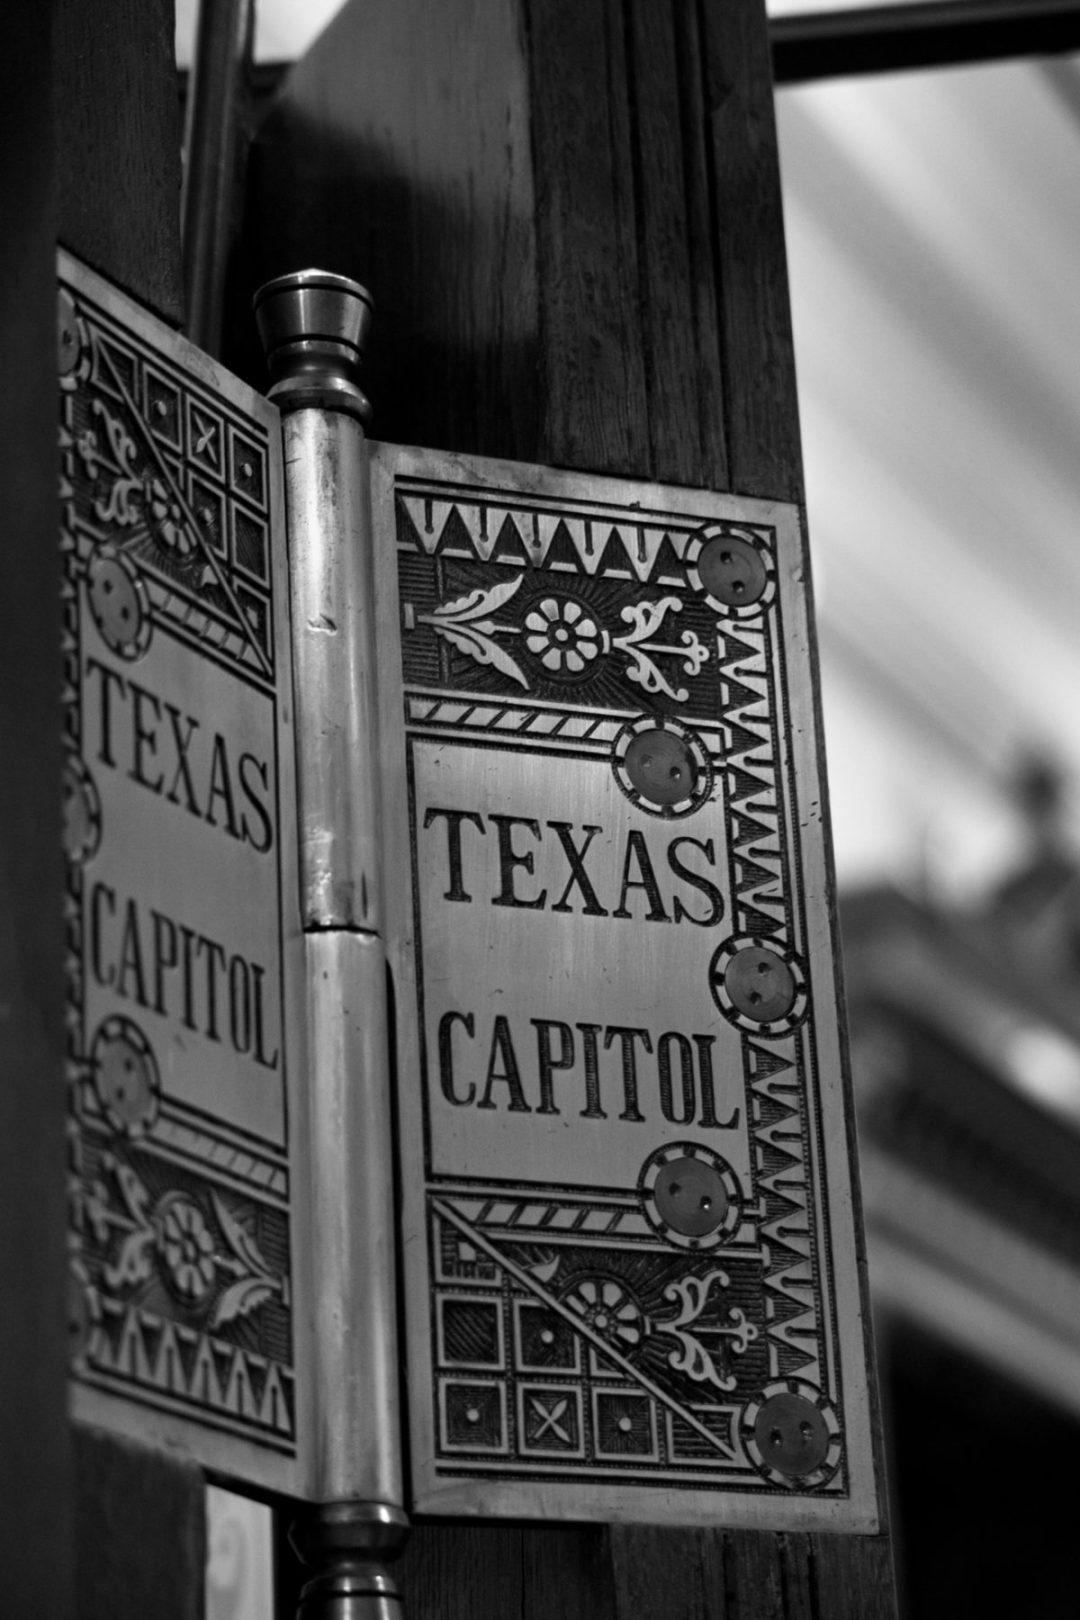 Texas State Capitol Door Hinge